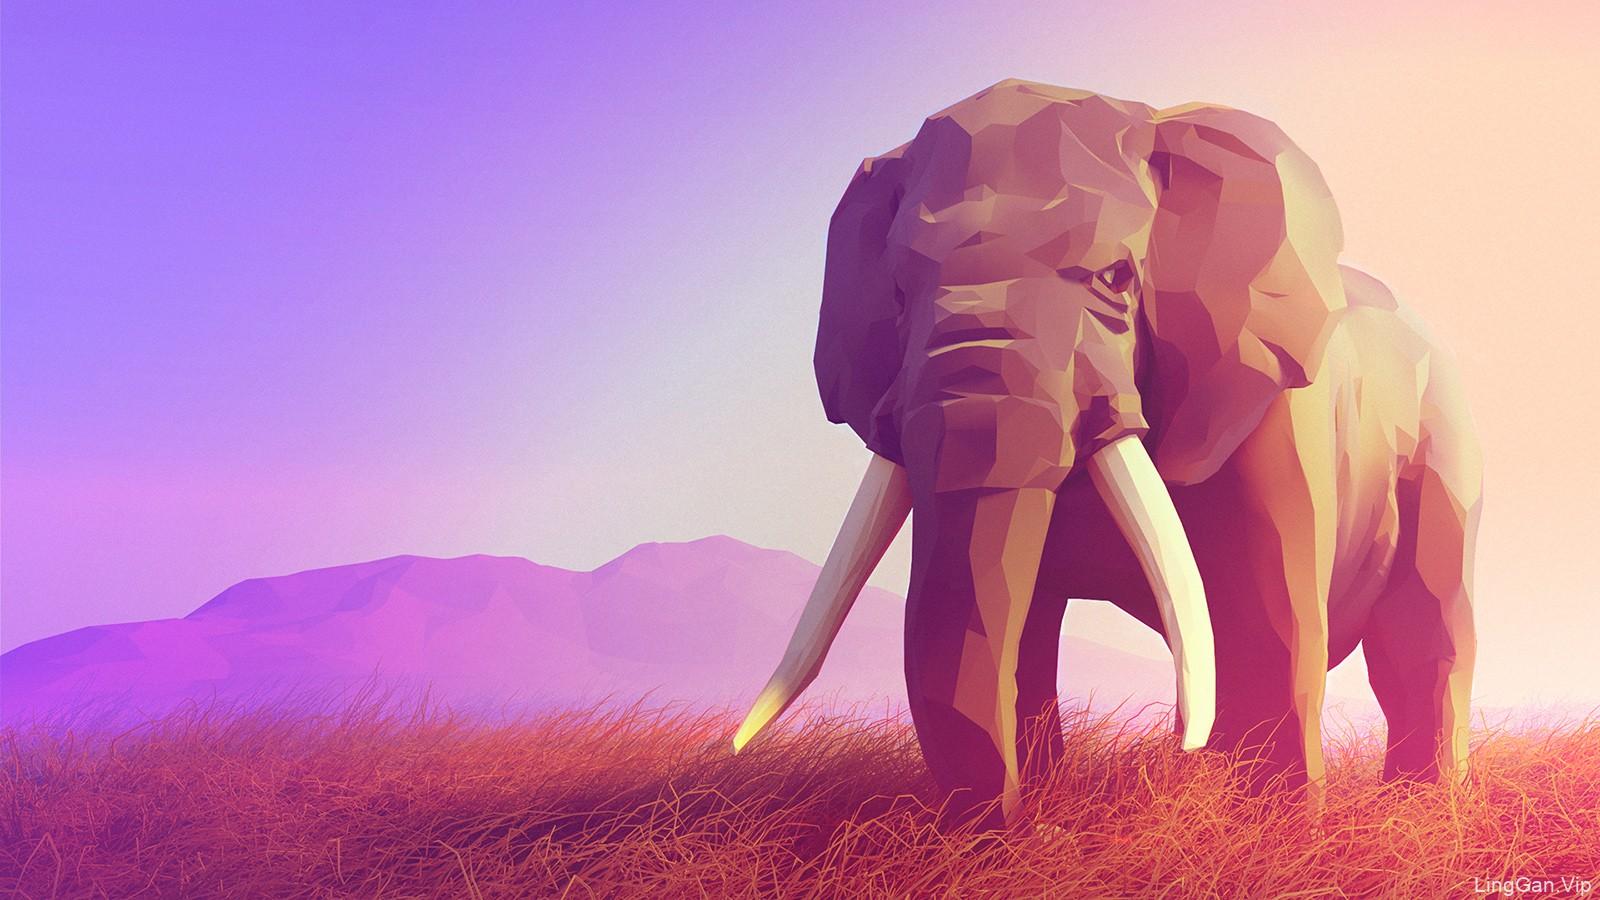 插画作品-孤独原野上的大象